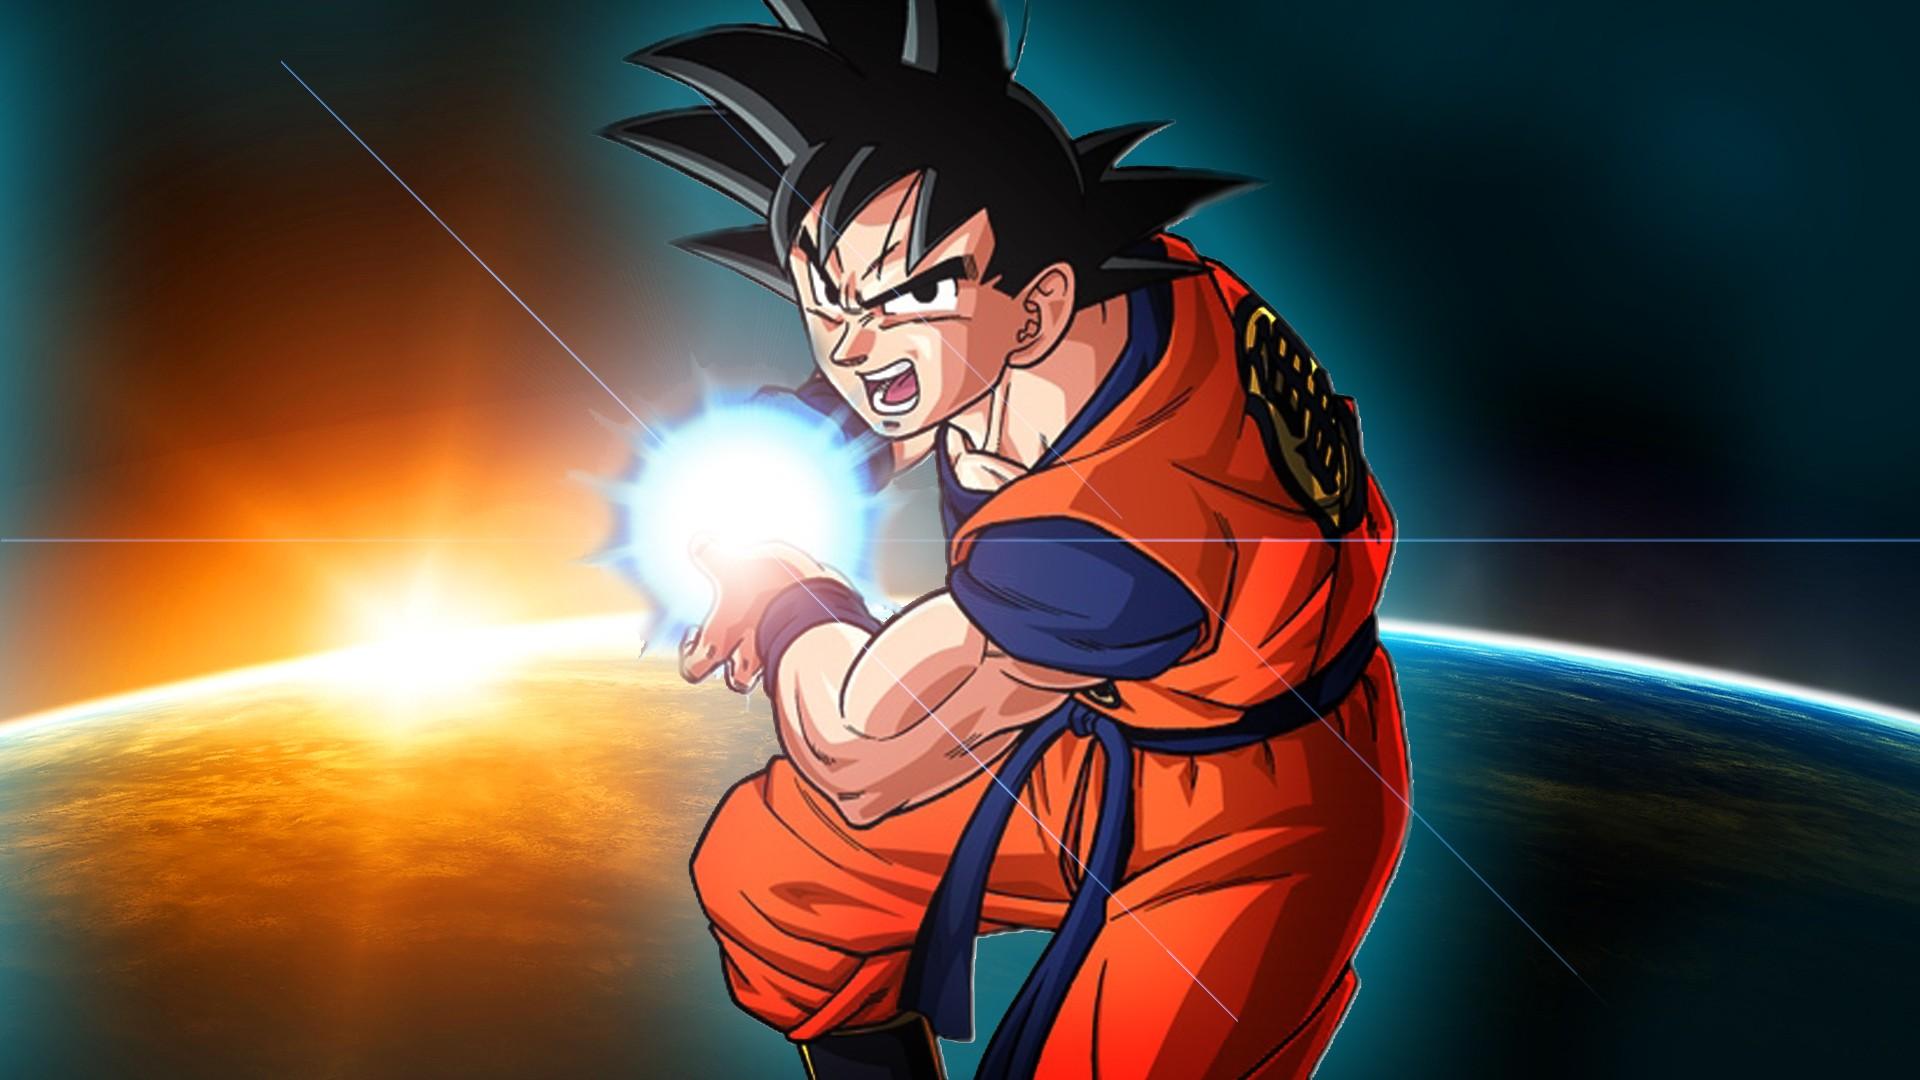 Fondos De Dragon Ball Z Goku Wallpapers Para Descargar Gratis